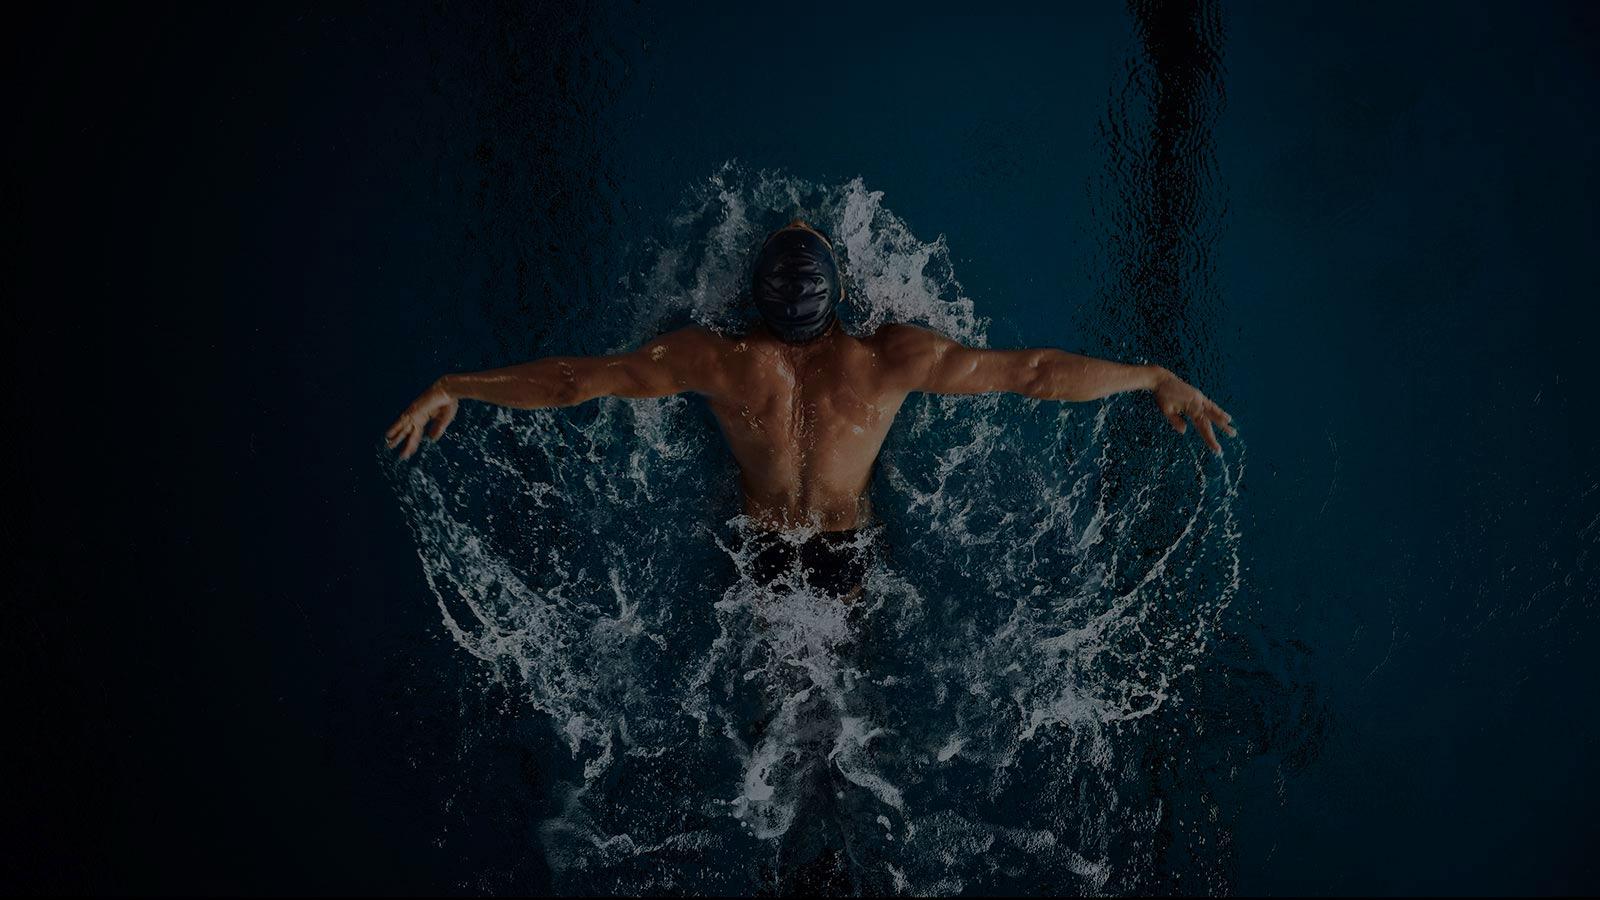 """""""تويوتا"""" تختار السباح السوري رامي أنيس وجهاً إعلانياً لأولمبياد 2020 – حرية برس Horrya press"""